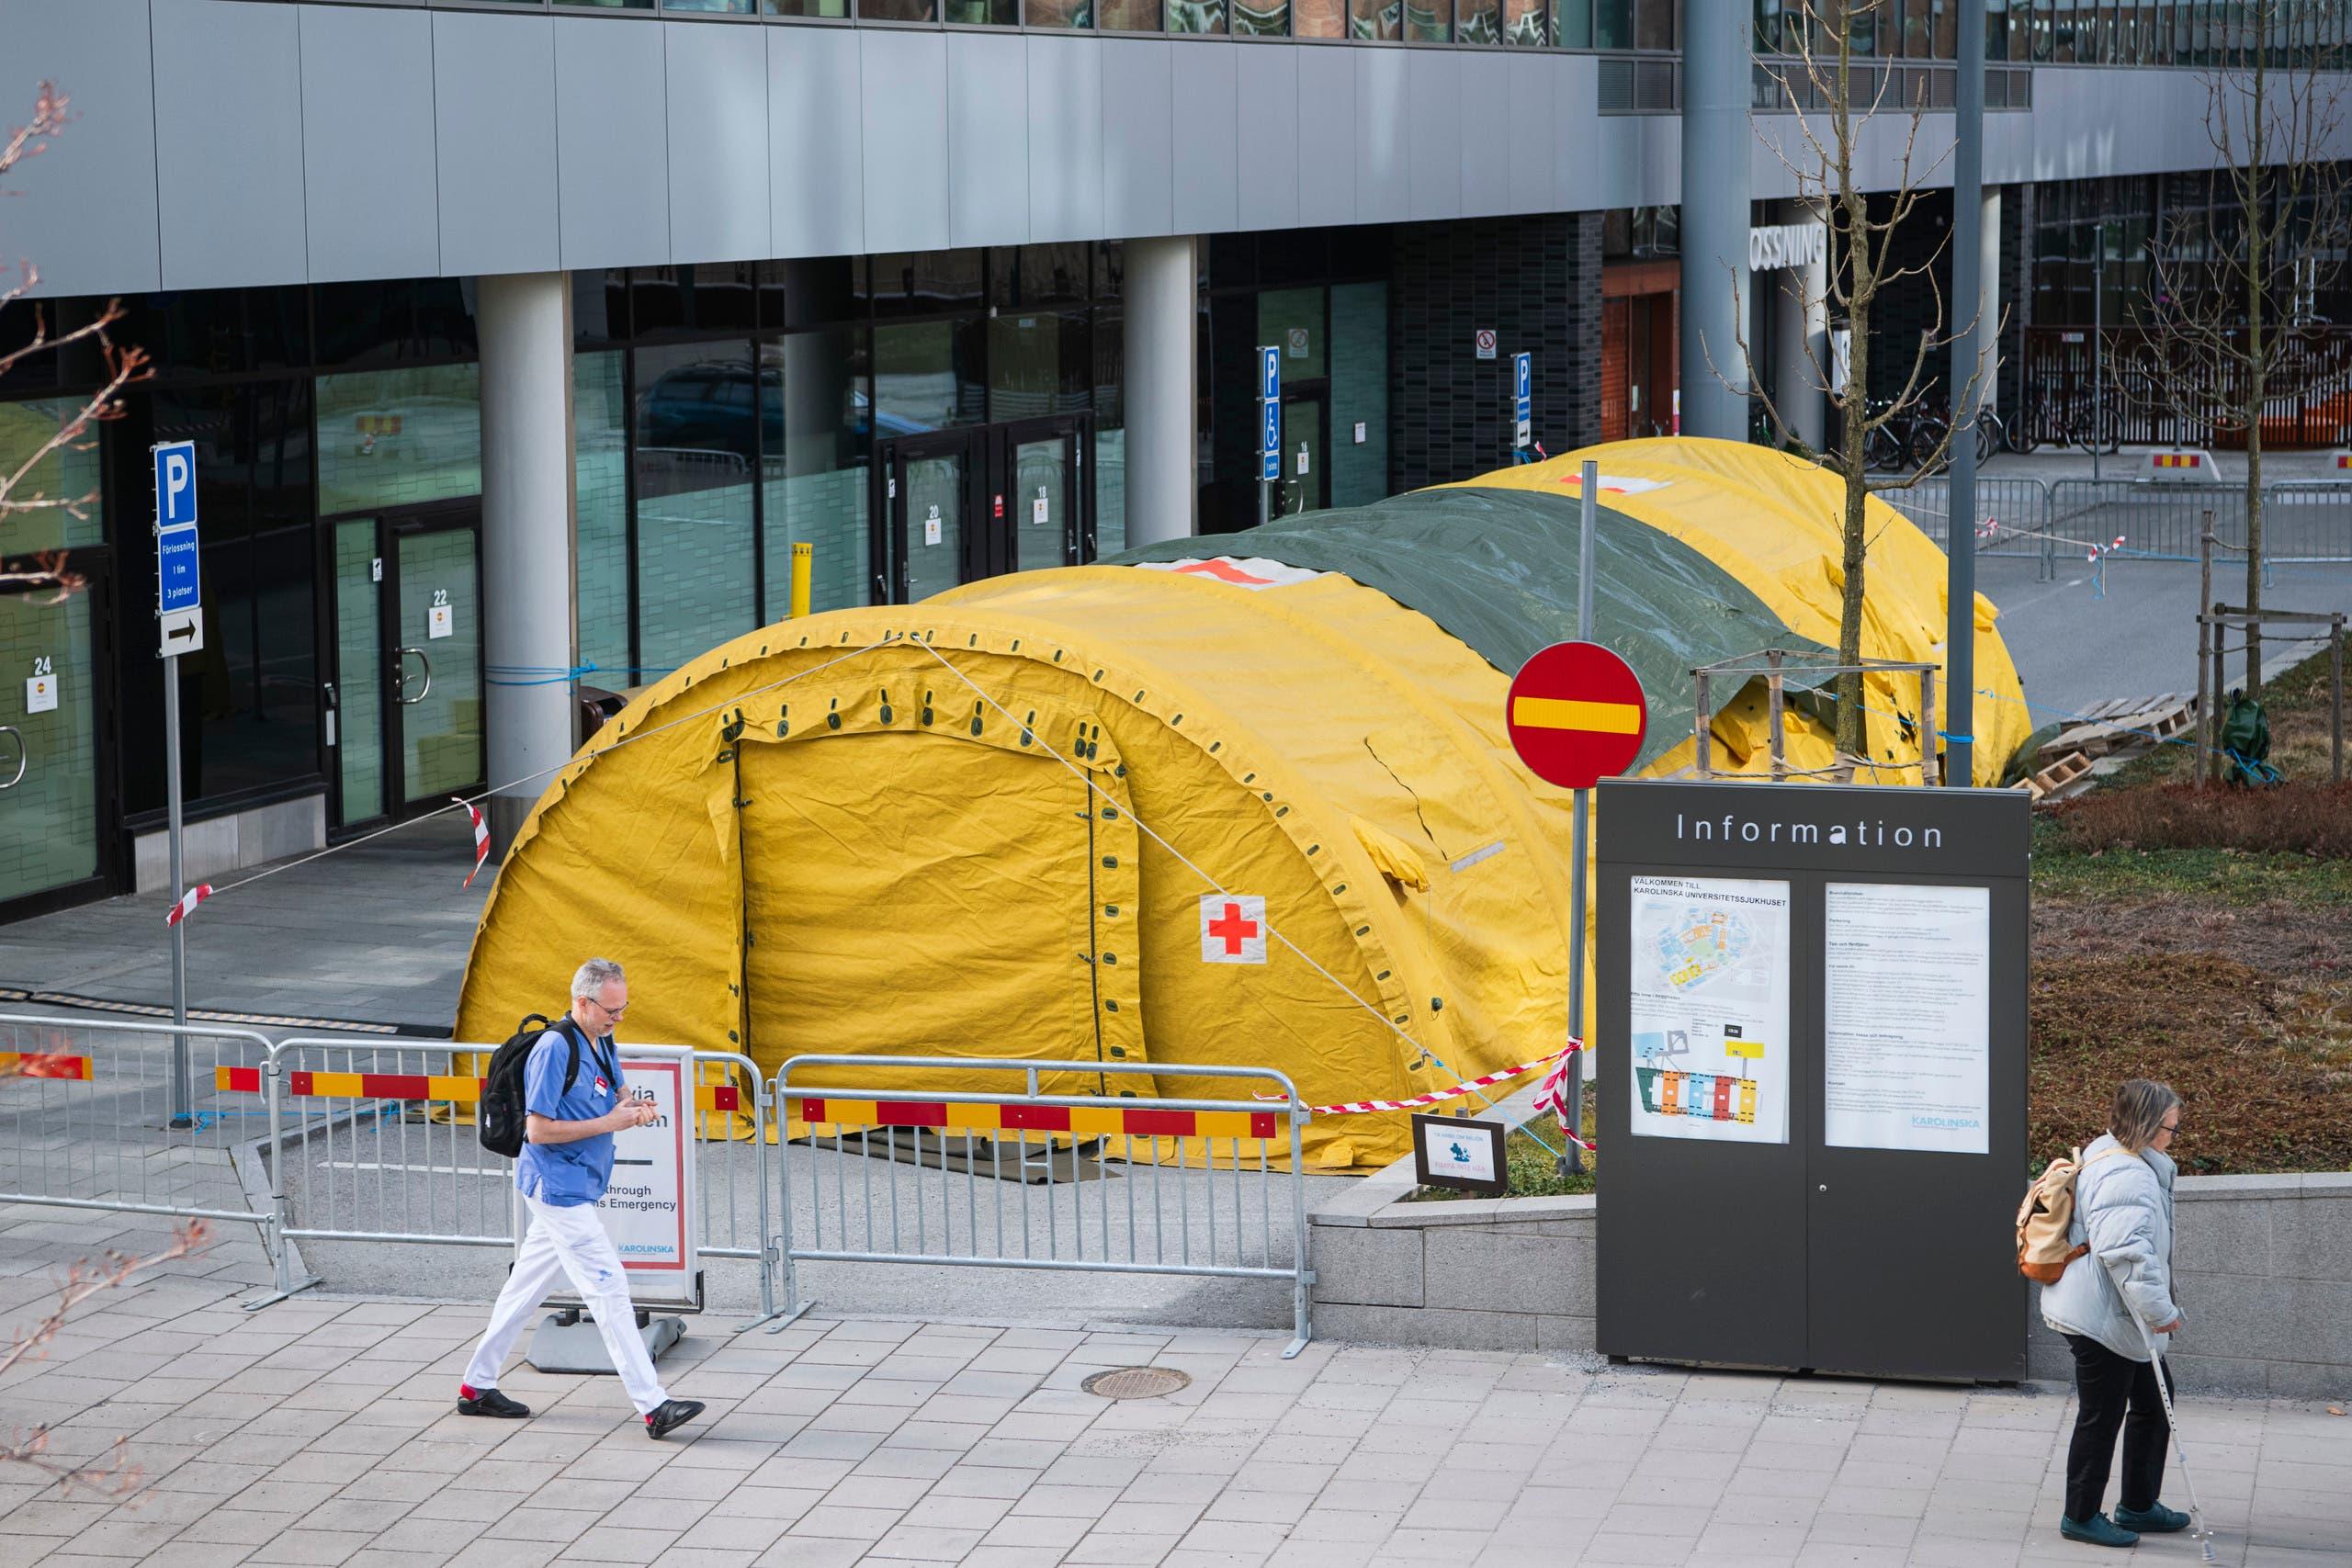 خيمة تم نصبها أمام مستشفى في مدينة سولنا بالسويد لإجراء فحصوات كورونا